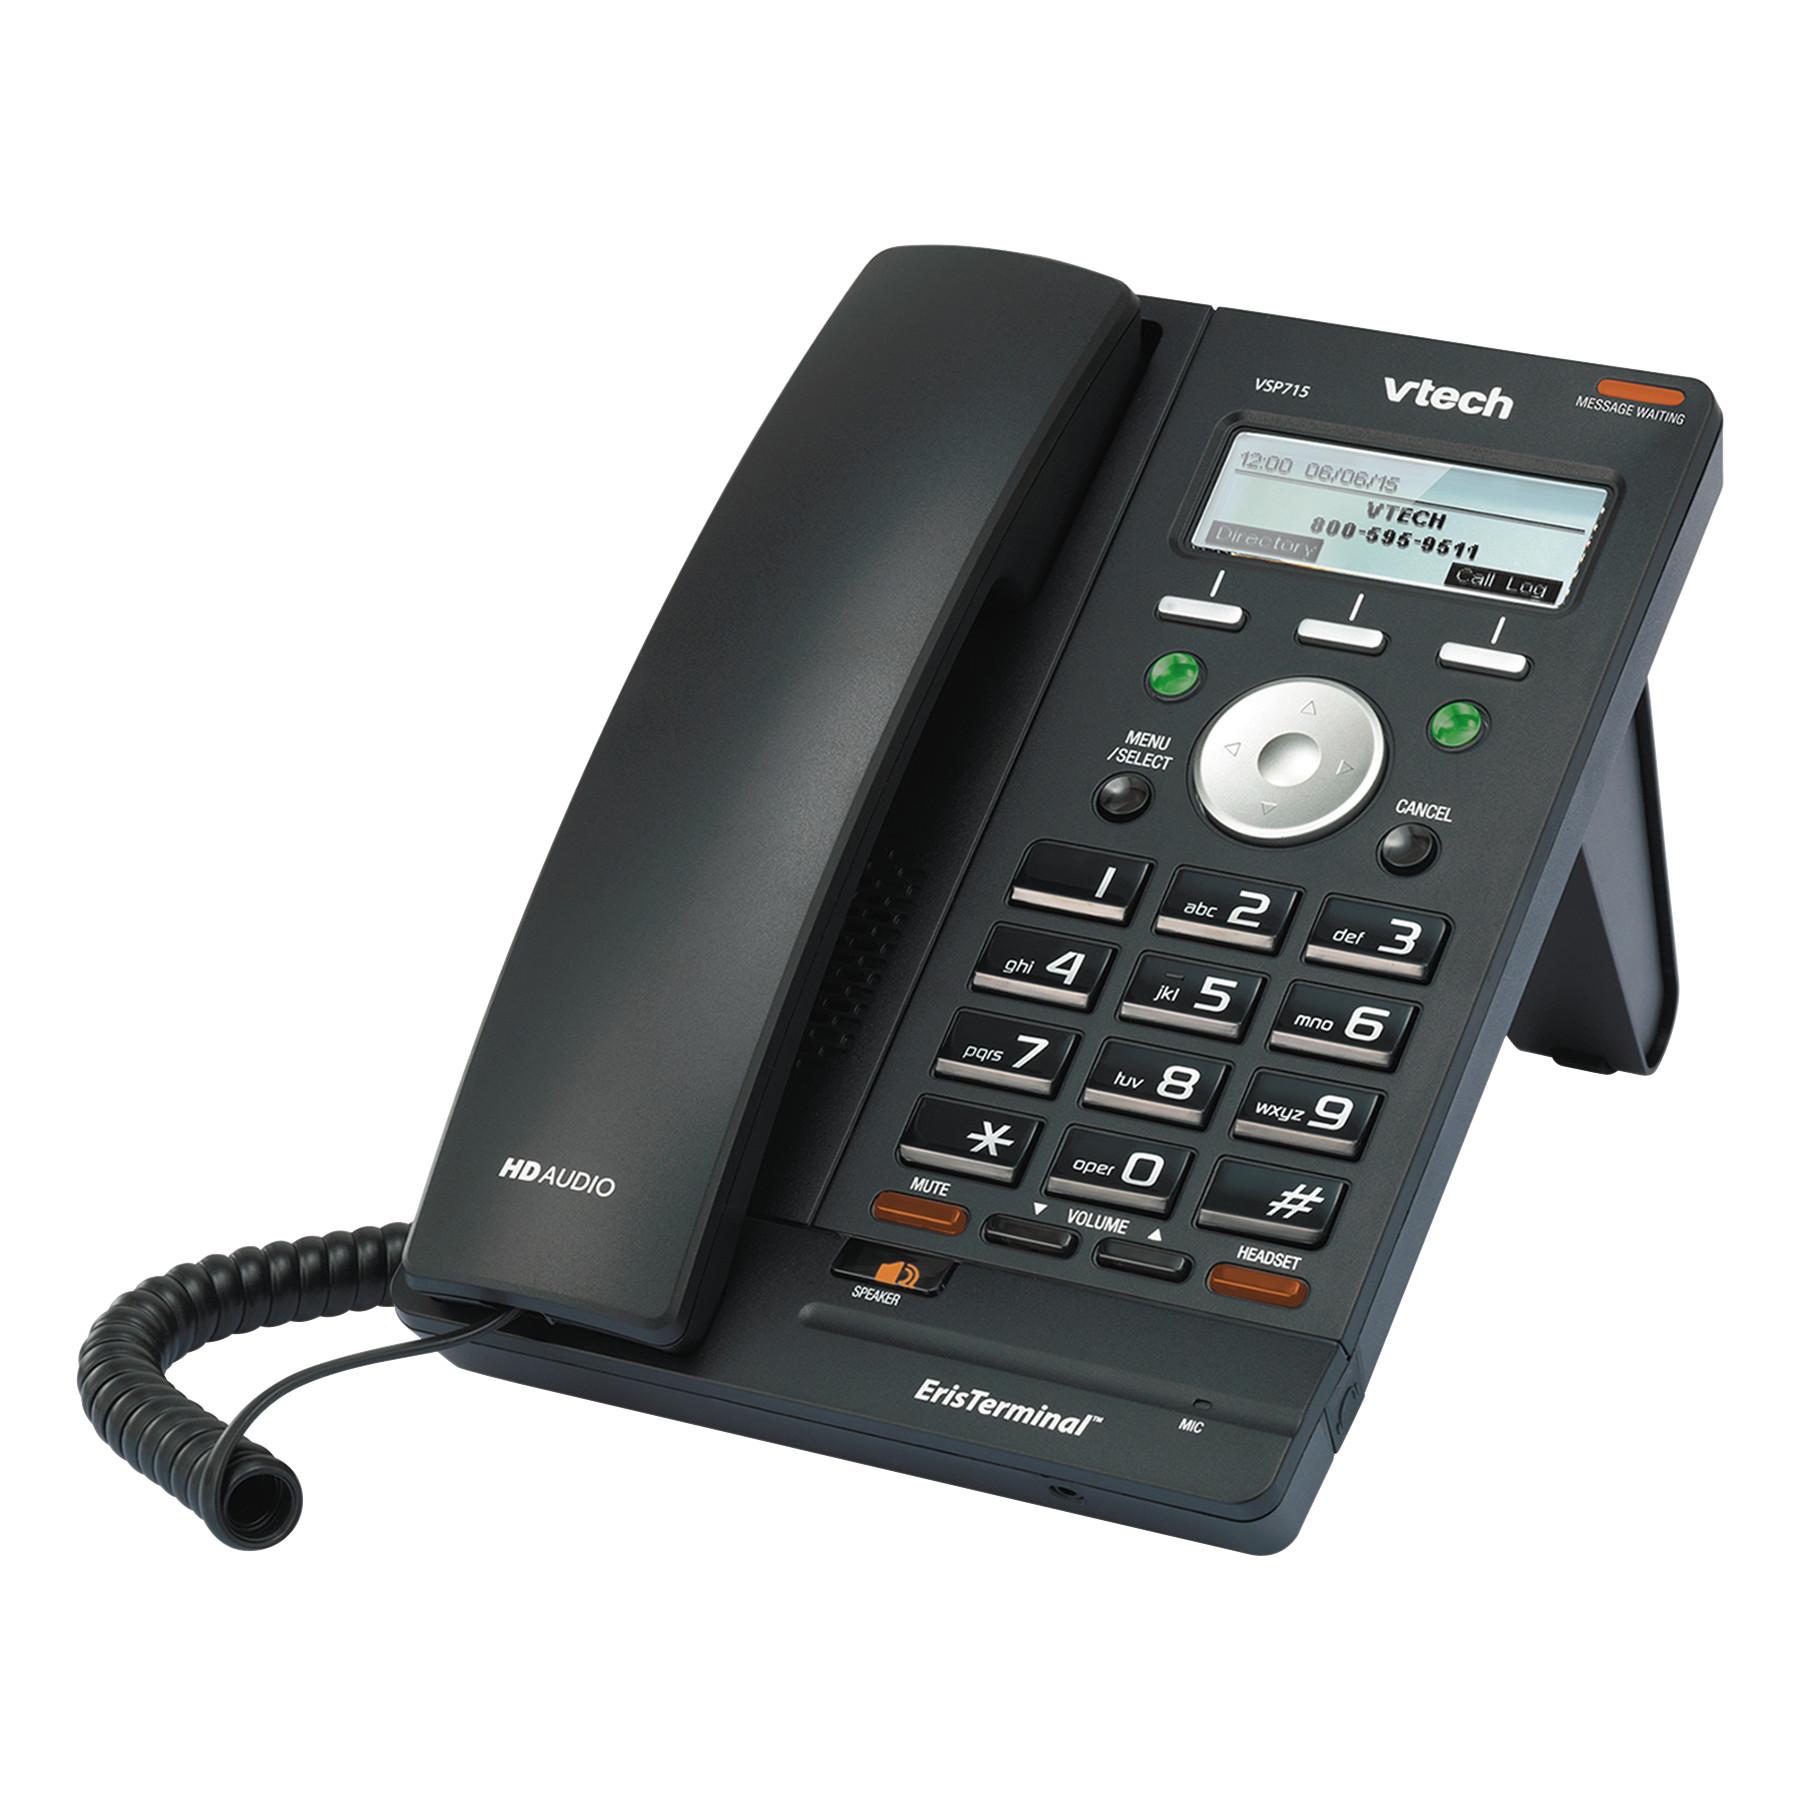 ERISTERMINAL VSP715 2LINE SIP/IP PHONE W/ POE & SPEAKERPHONE